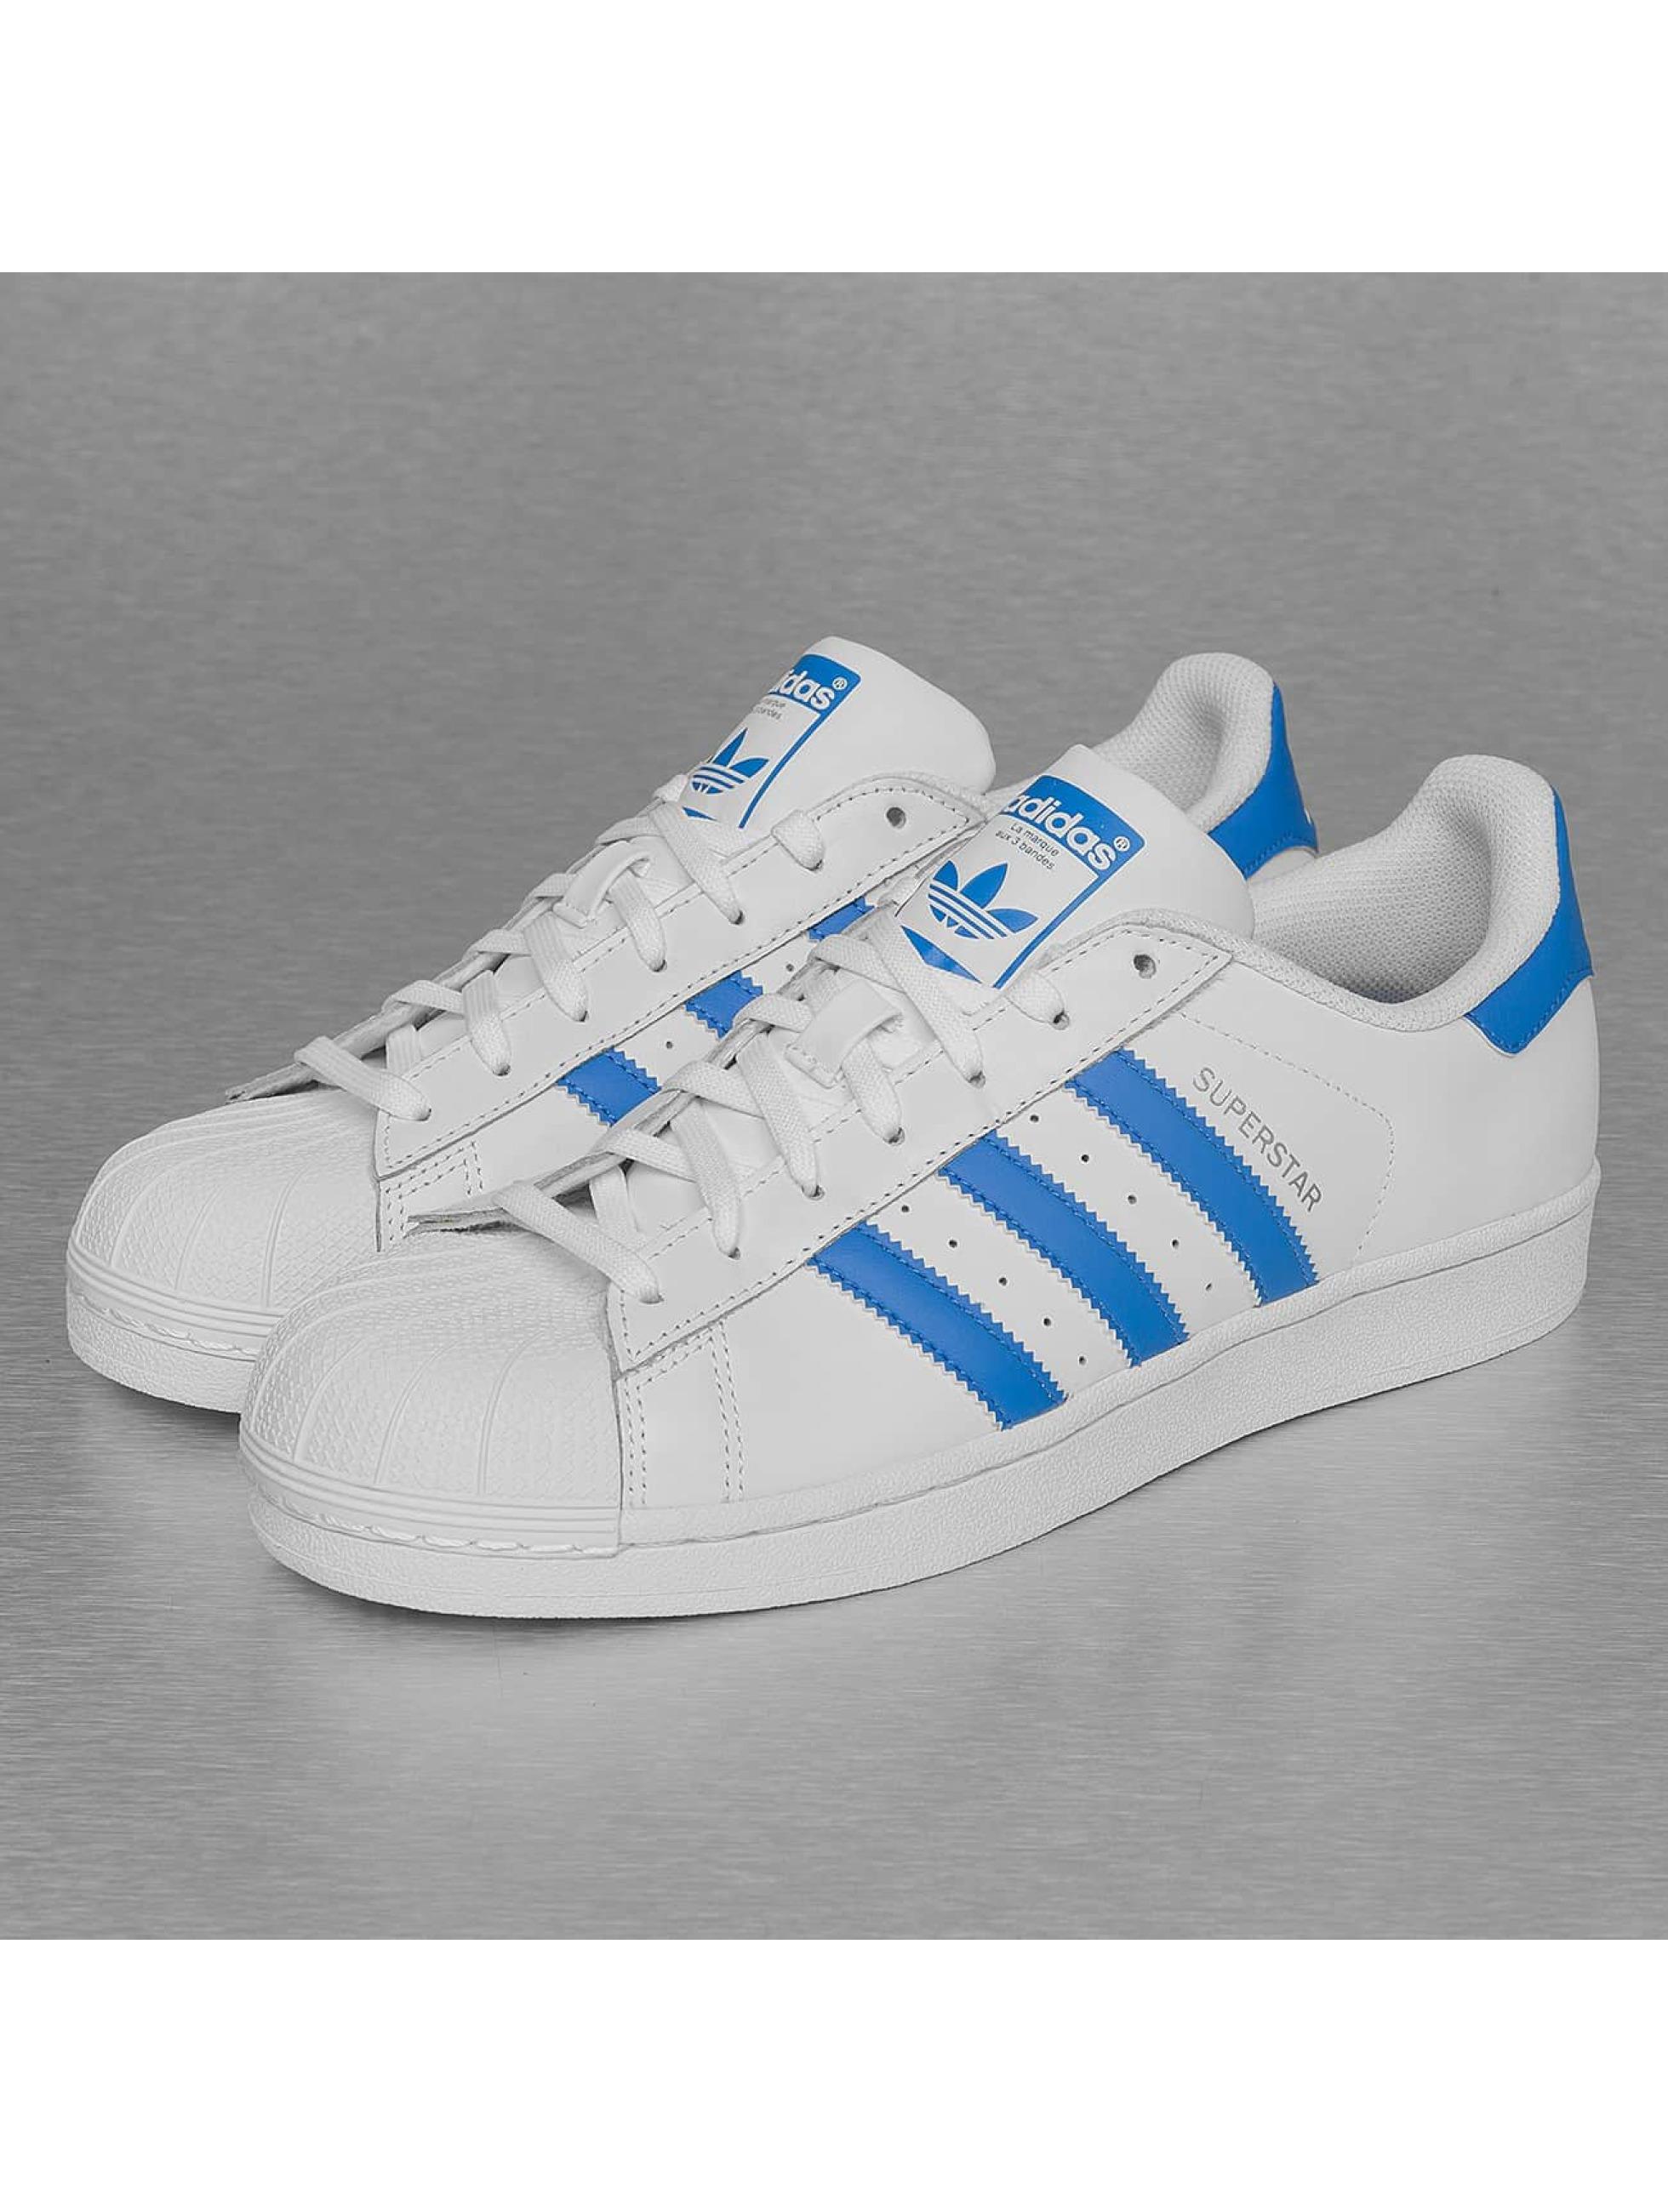 4aa9981a417 ... store adidas superstar kind maat 34 316ef 9c384